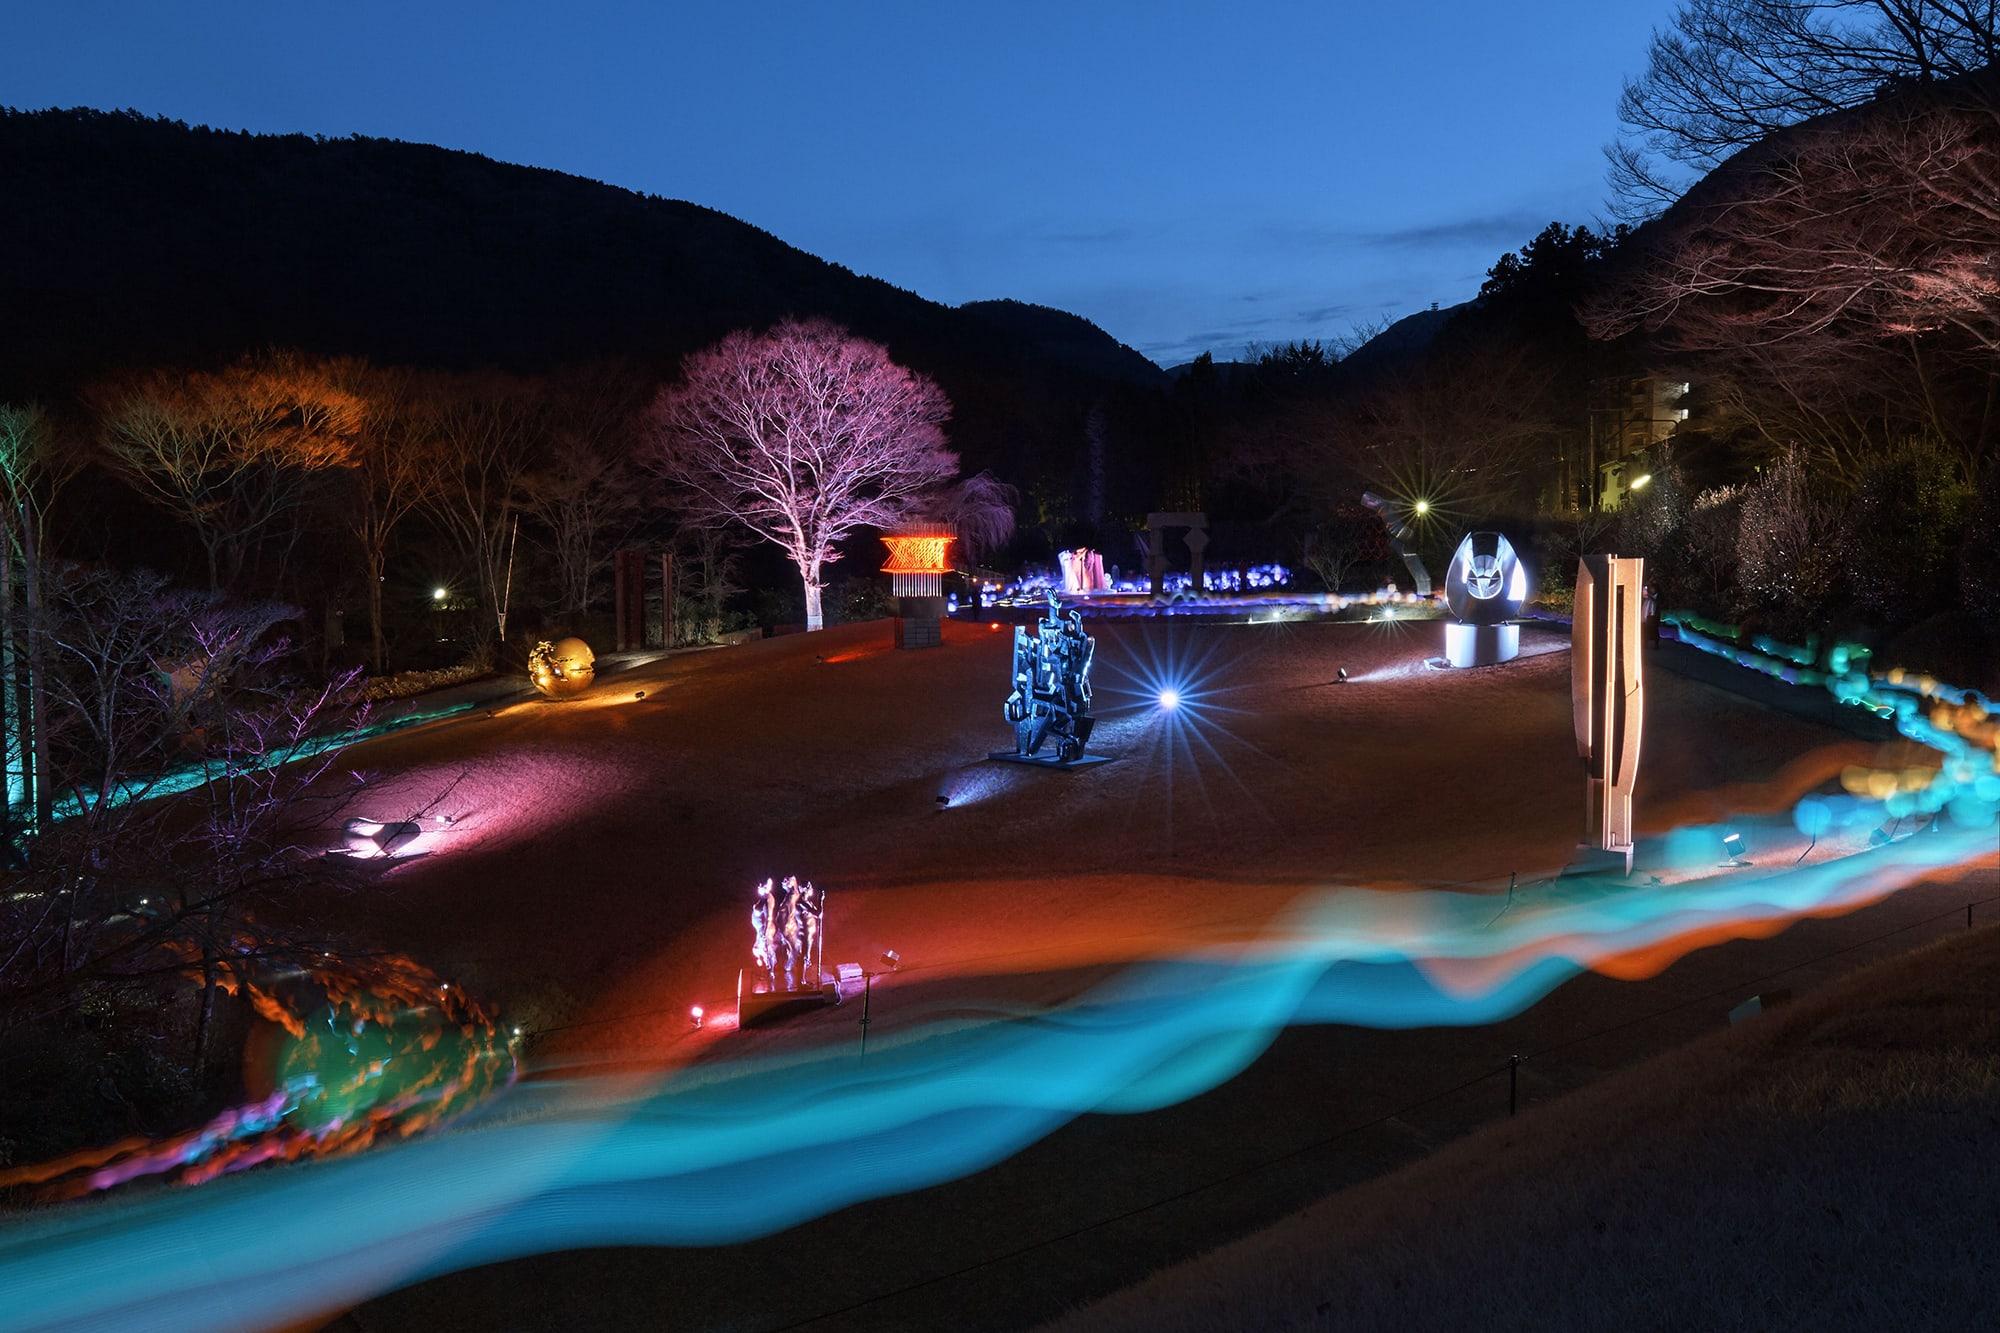 彫刻の森美術館《Glow with Night Garden Project in Hakone》では、来館者は提灯の色が変化するLED提灯を持って庭園を巡る。髙橋匡太《Glow with Night Garden Project in Hakone》Photo: Mito Murakami